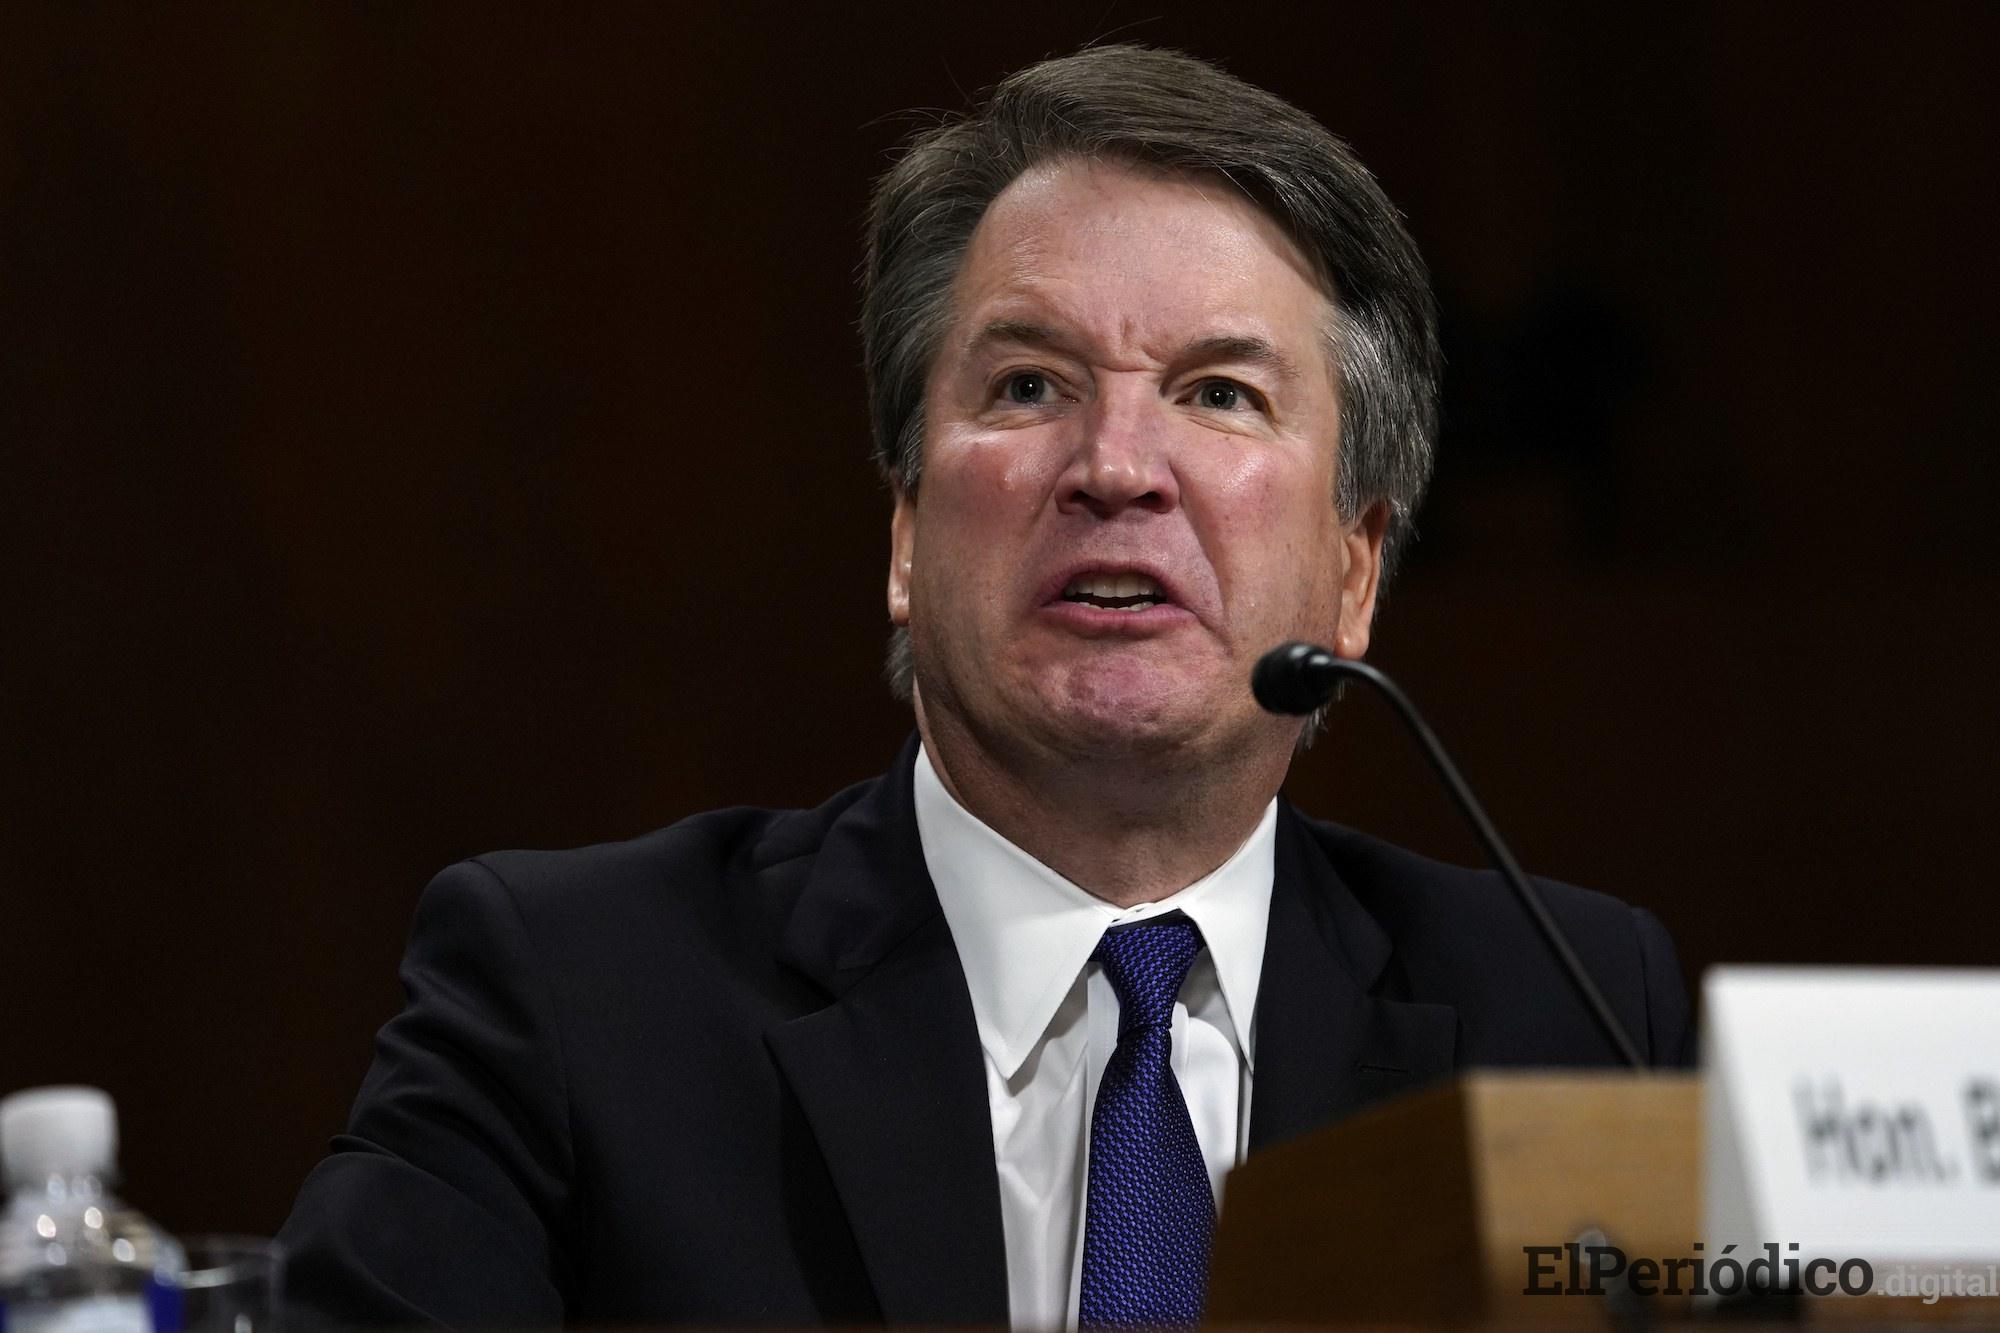 Christine Blasey Ford acusó a Brett Kavanaugh por abuso sexual. Ford mantuvo dicho hecho en secreto durante varios años, ya que ocurrió en 1982.